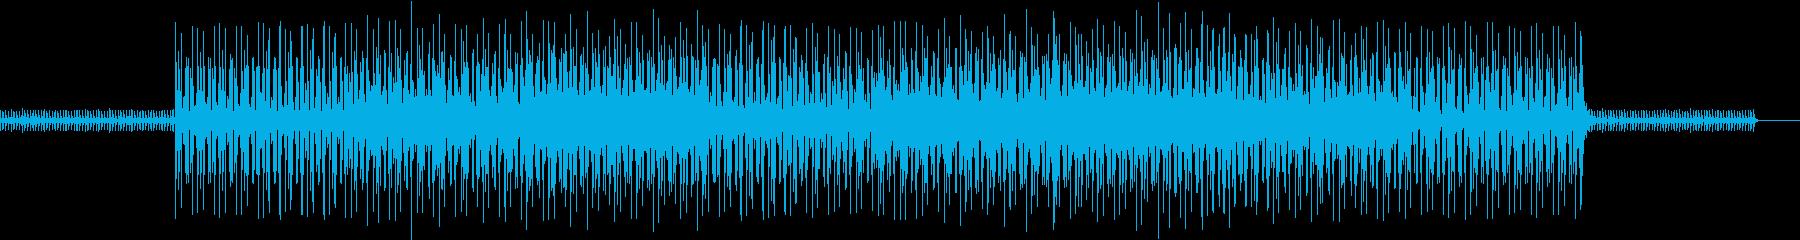 マリンバとシンセのタイトなビートの再生済みの波形